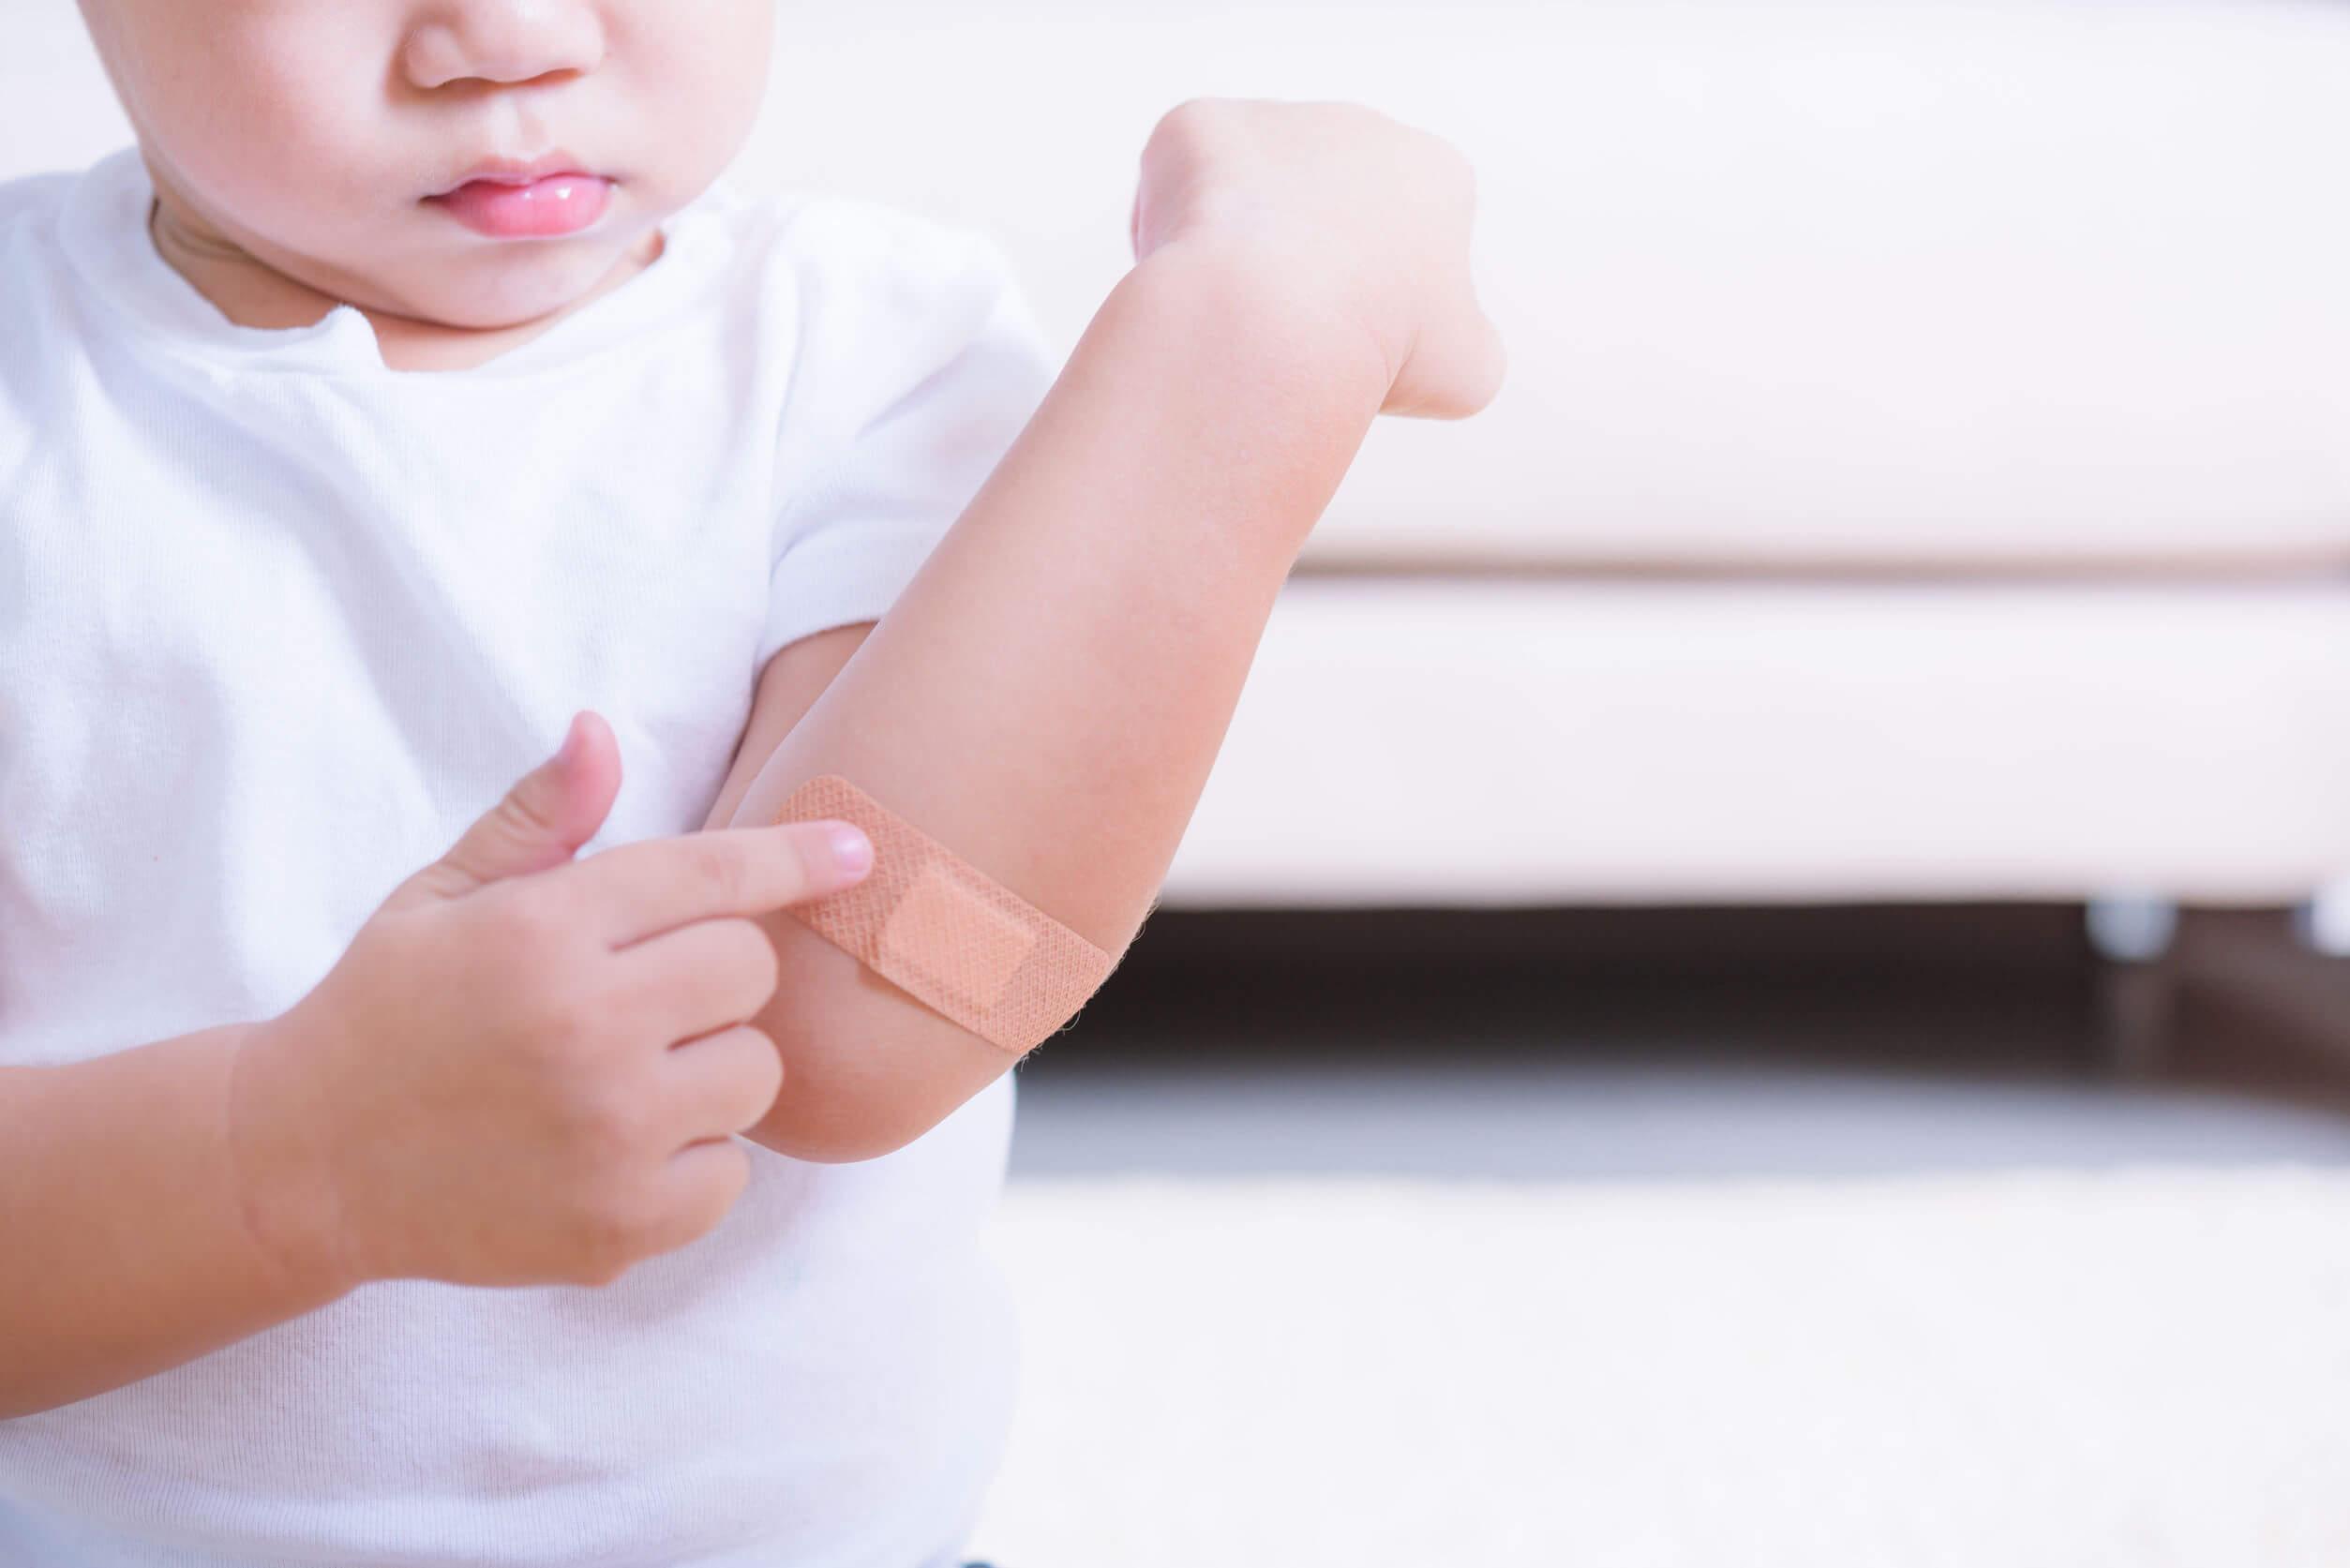 ¿Cómo evitar que se infecte una herida?